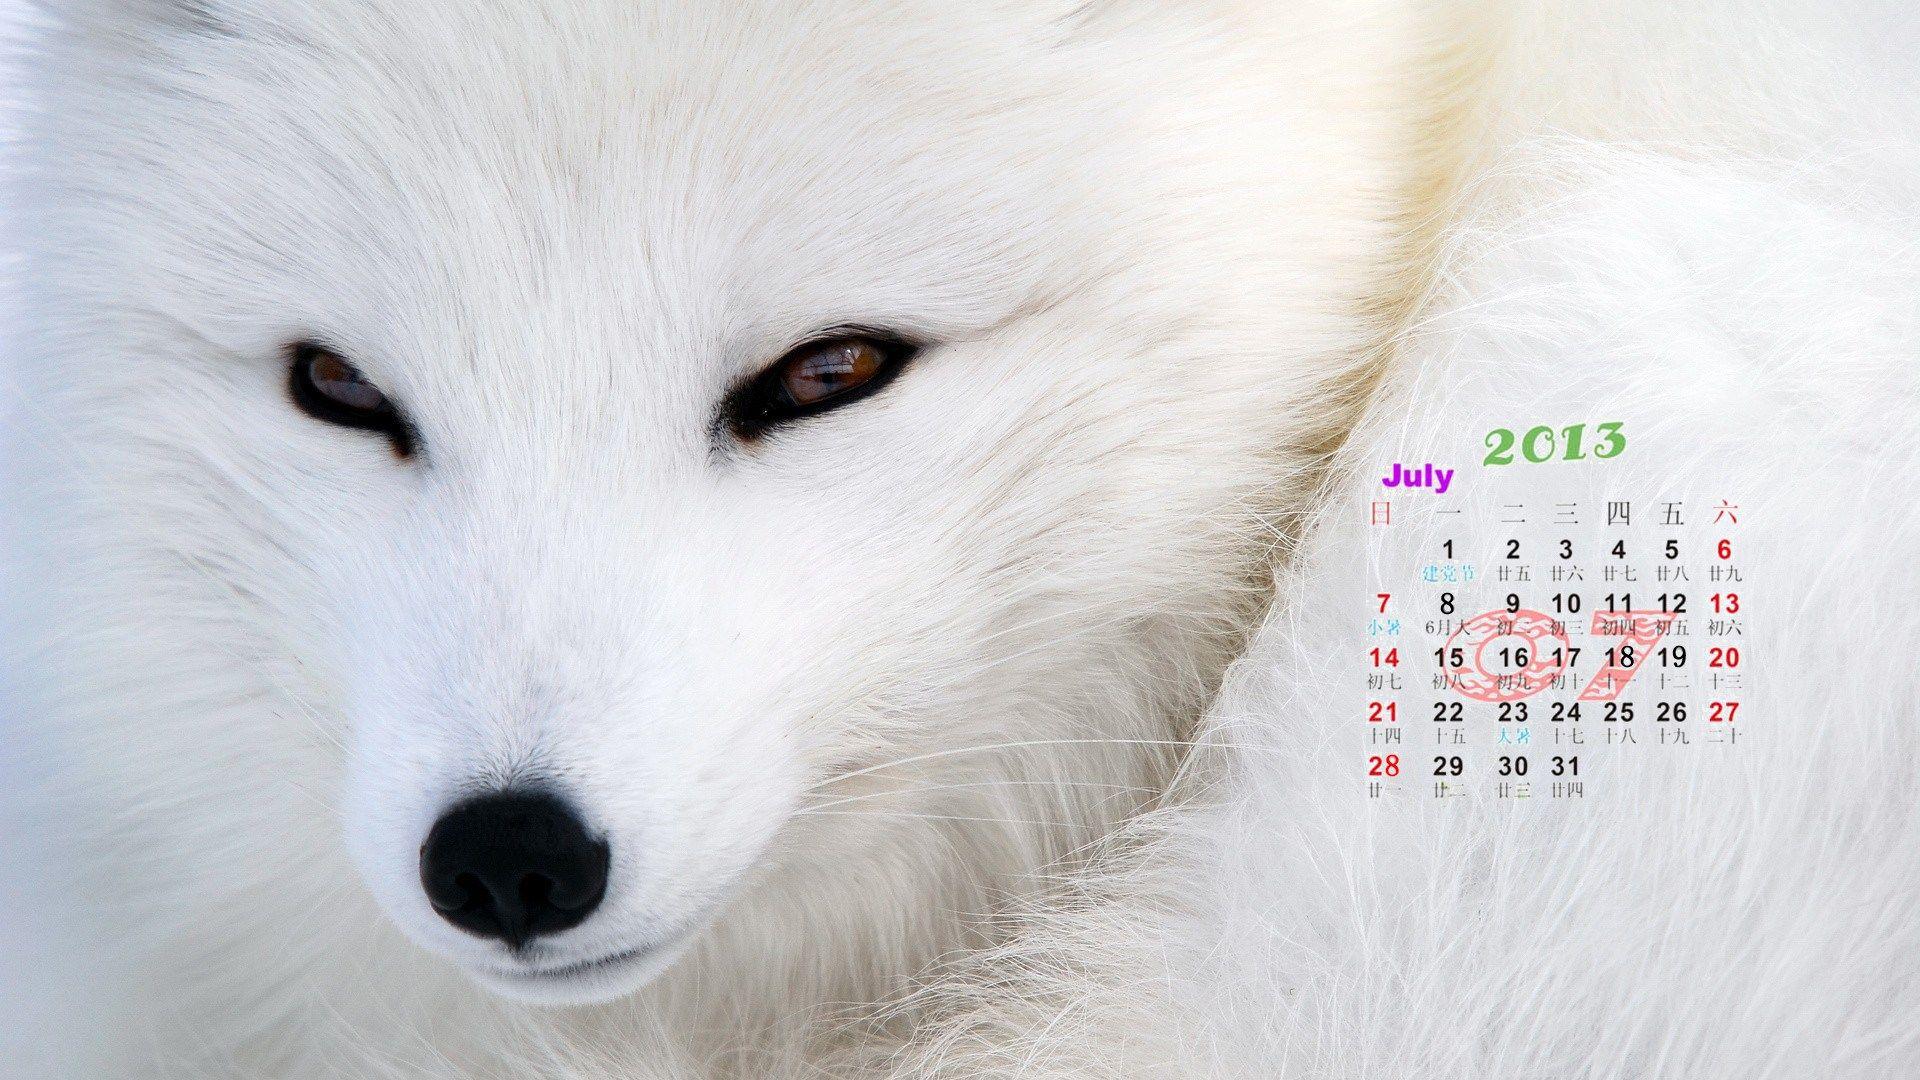 2013年7月桌面日历精选壁纸 精选 优质 日历 Clever animals, Arctic